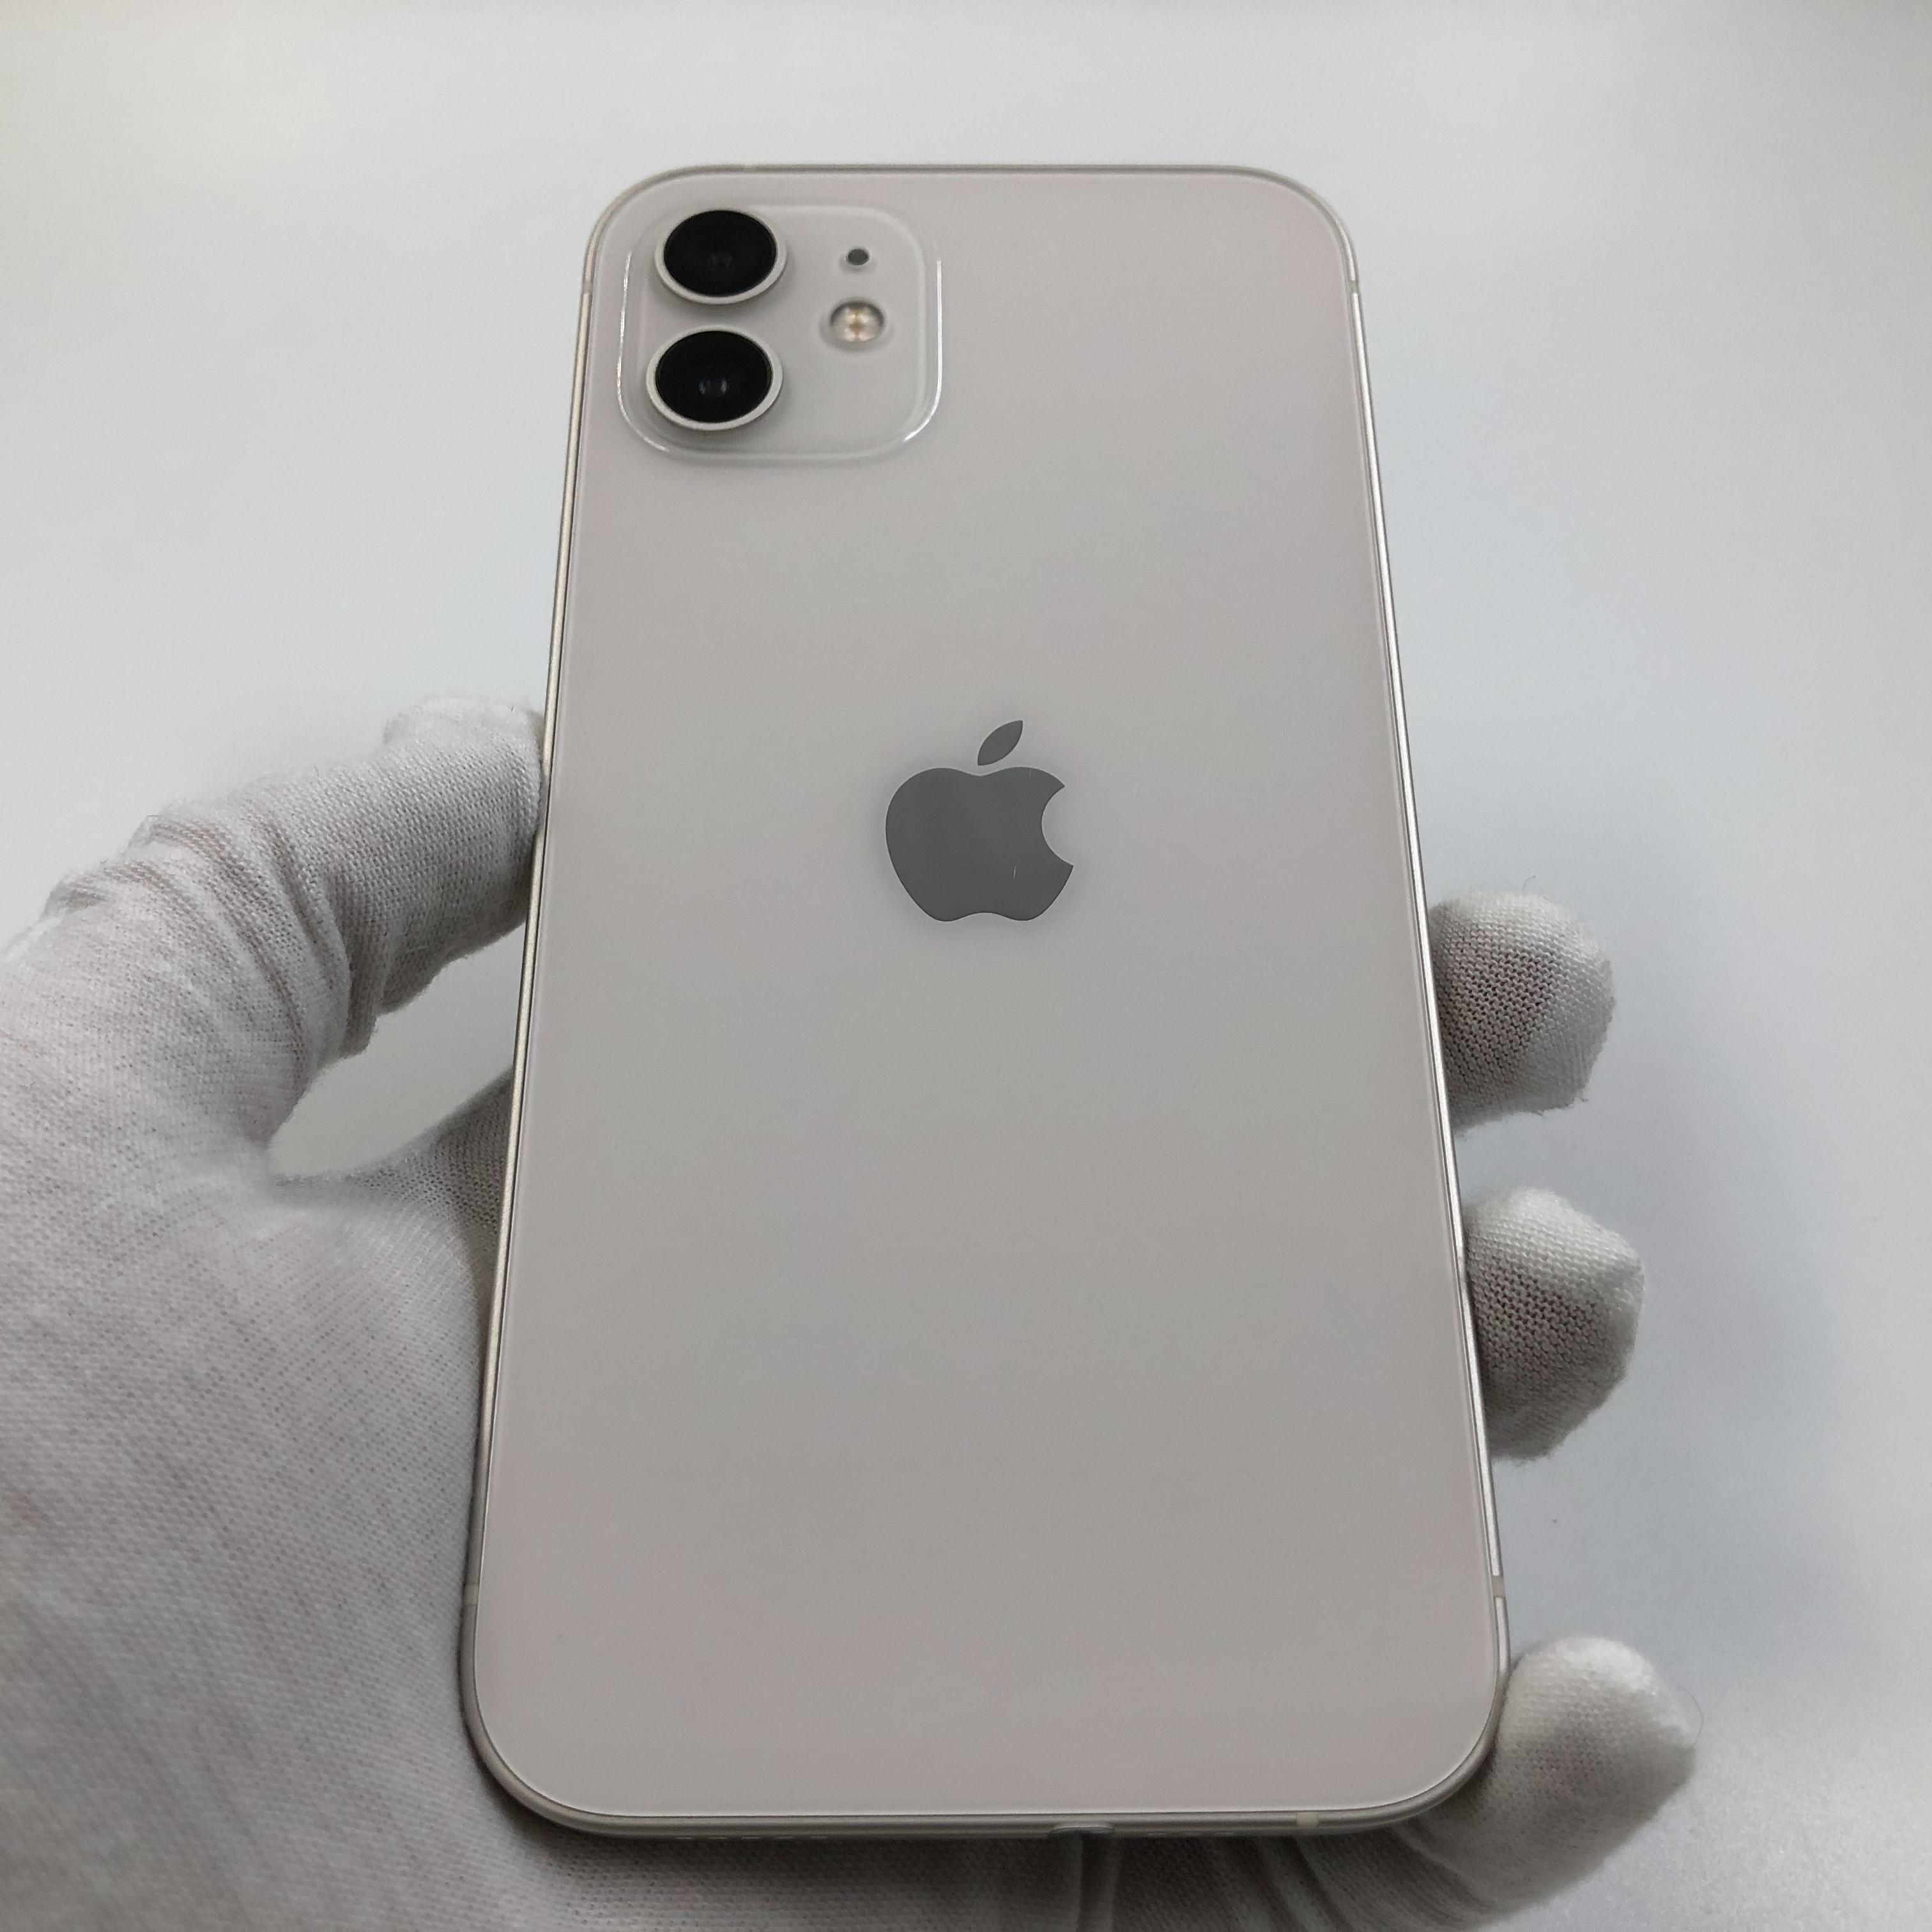 苹果【iPhone 12】5G全网通 白色 128G 国行 99新 真机实拍官保2022-01-24